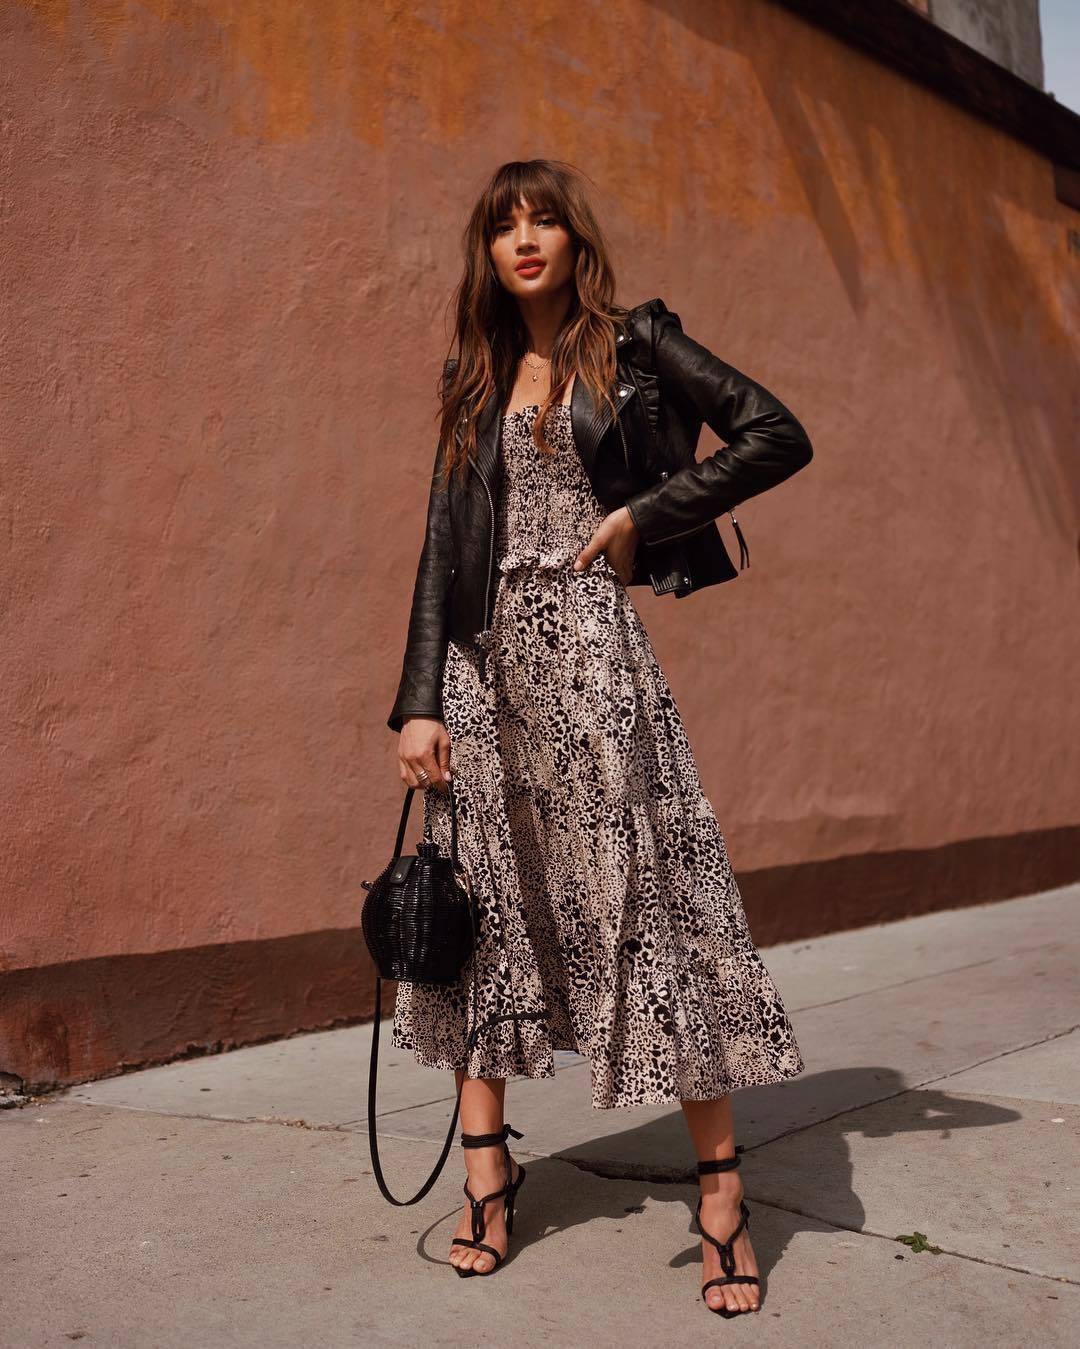 dress maxi dress leopard print black sandals black bag black leather jacket spring outfits spring dress blogger blogger style rocky barnes instagram sandals